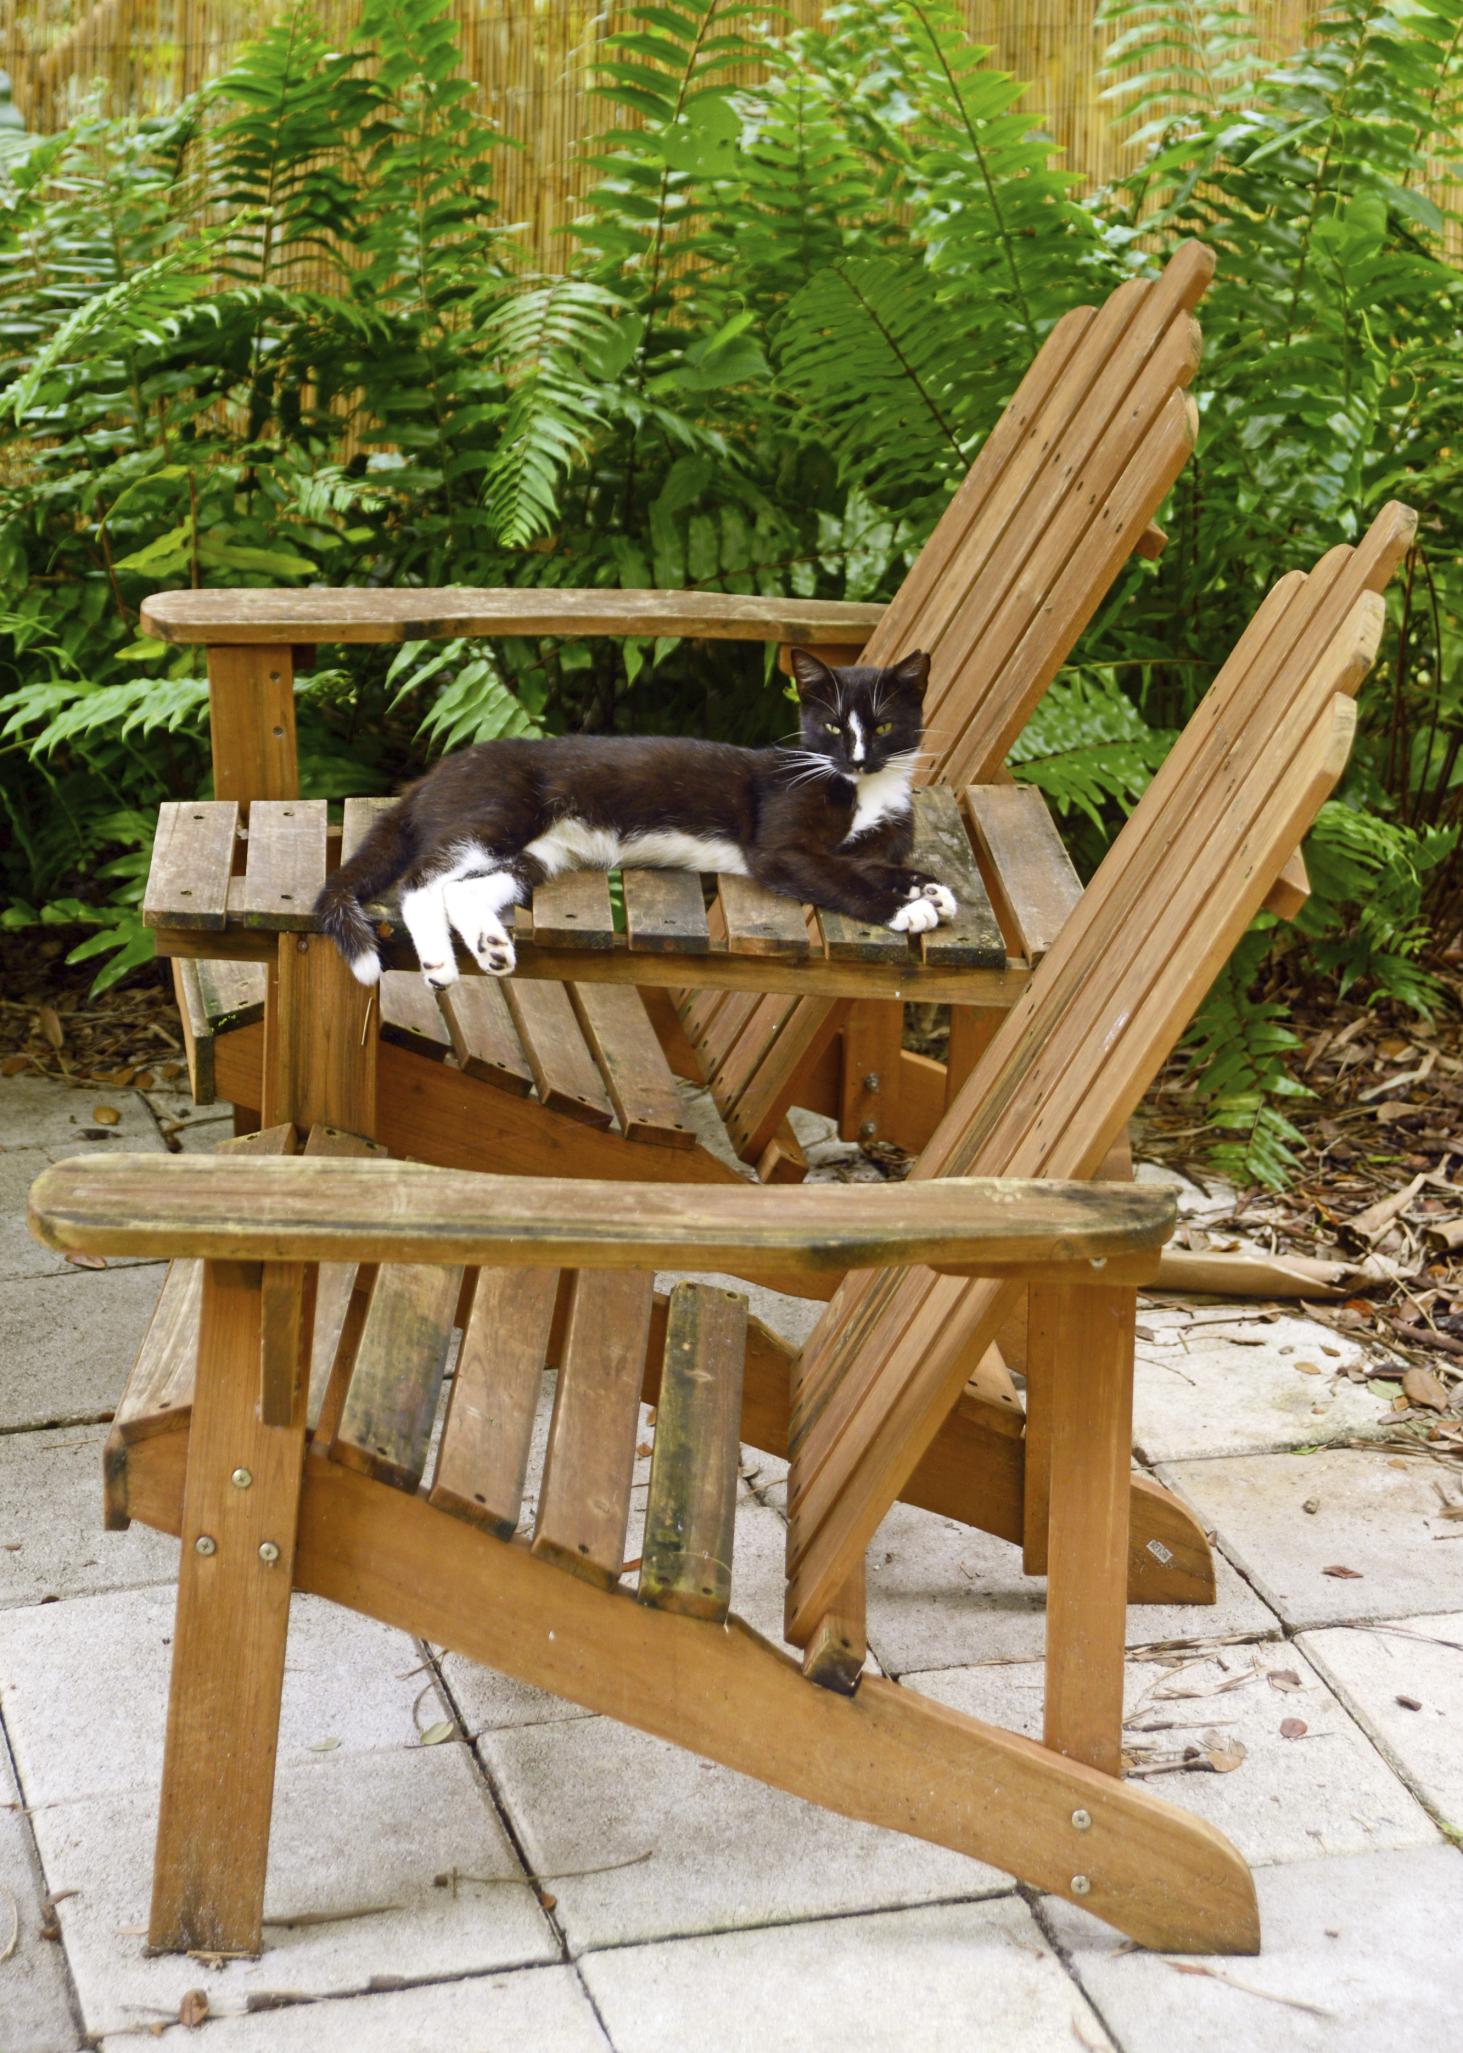 Comment Faire Fuir Les Chats ? - Ooreka serapportantà Chasser Les Chats Du Jardin